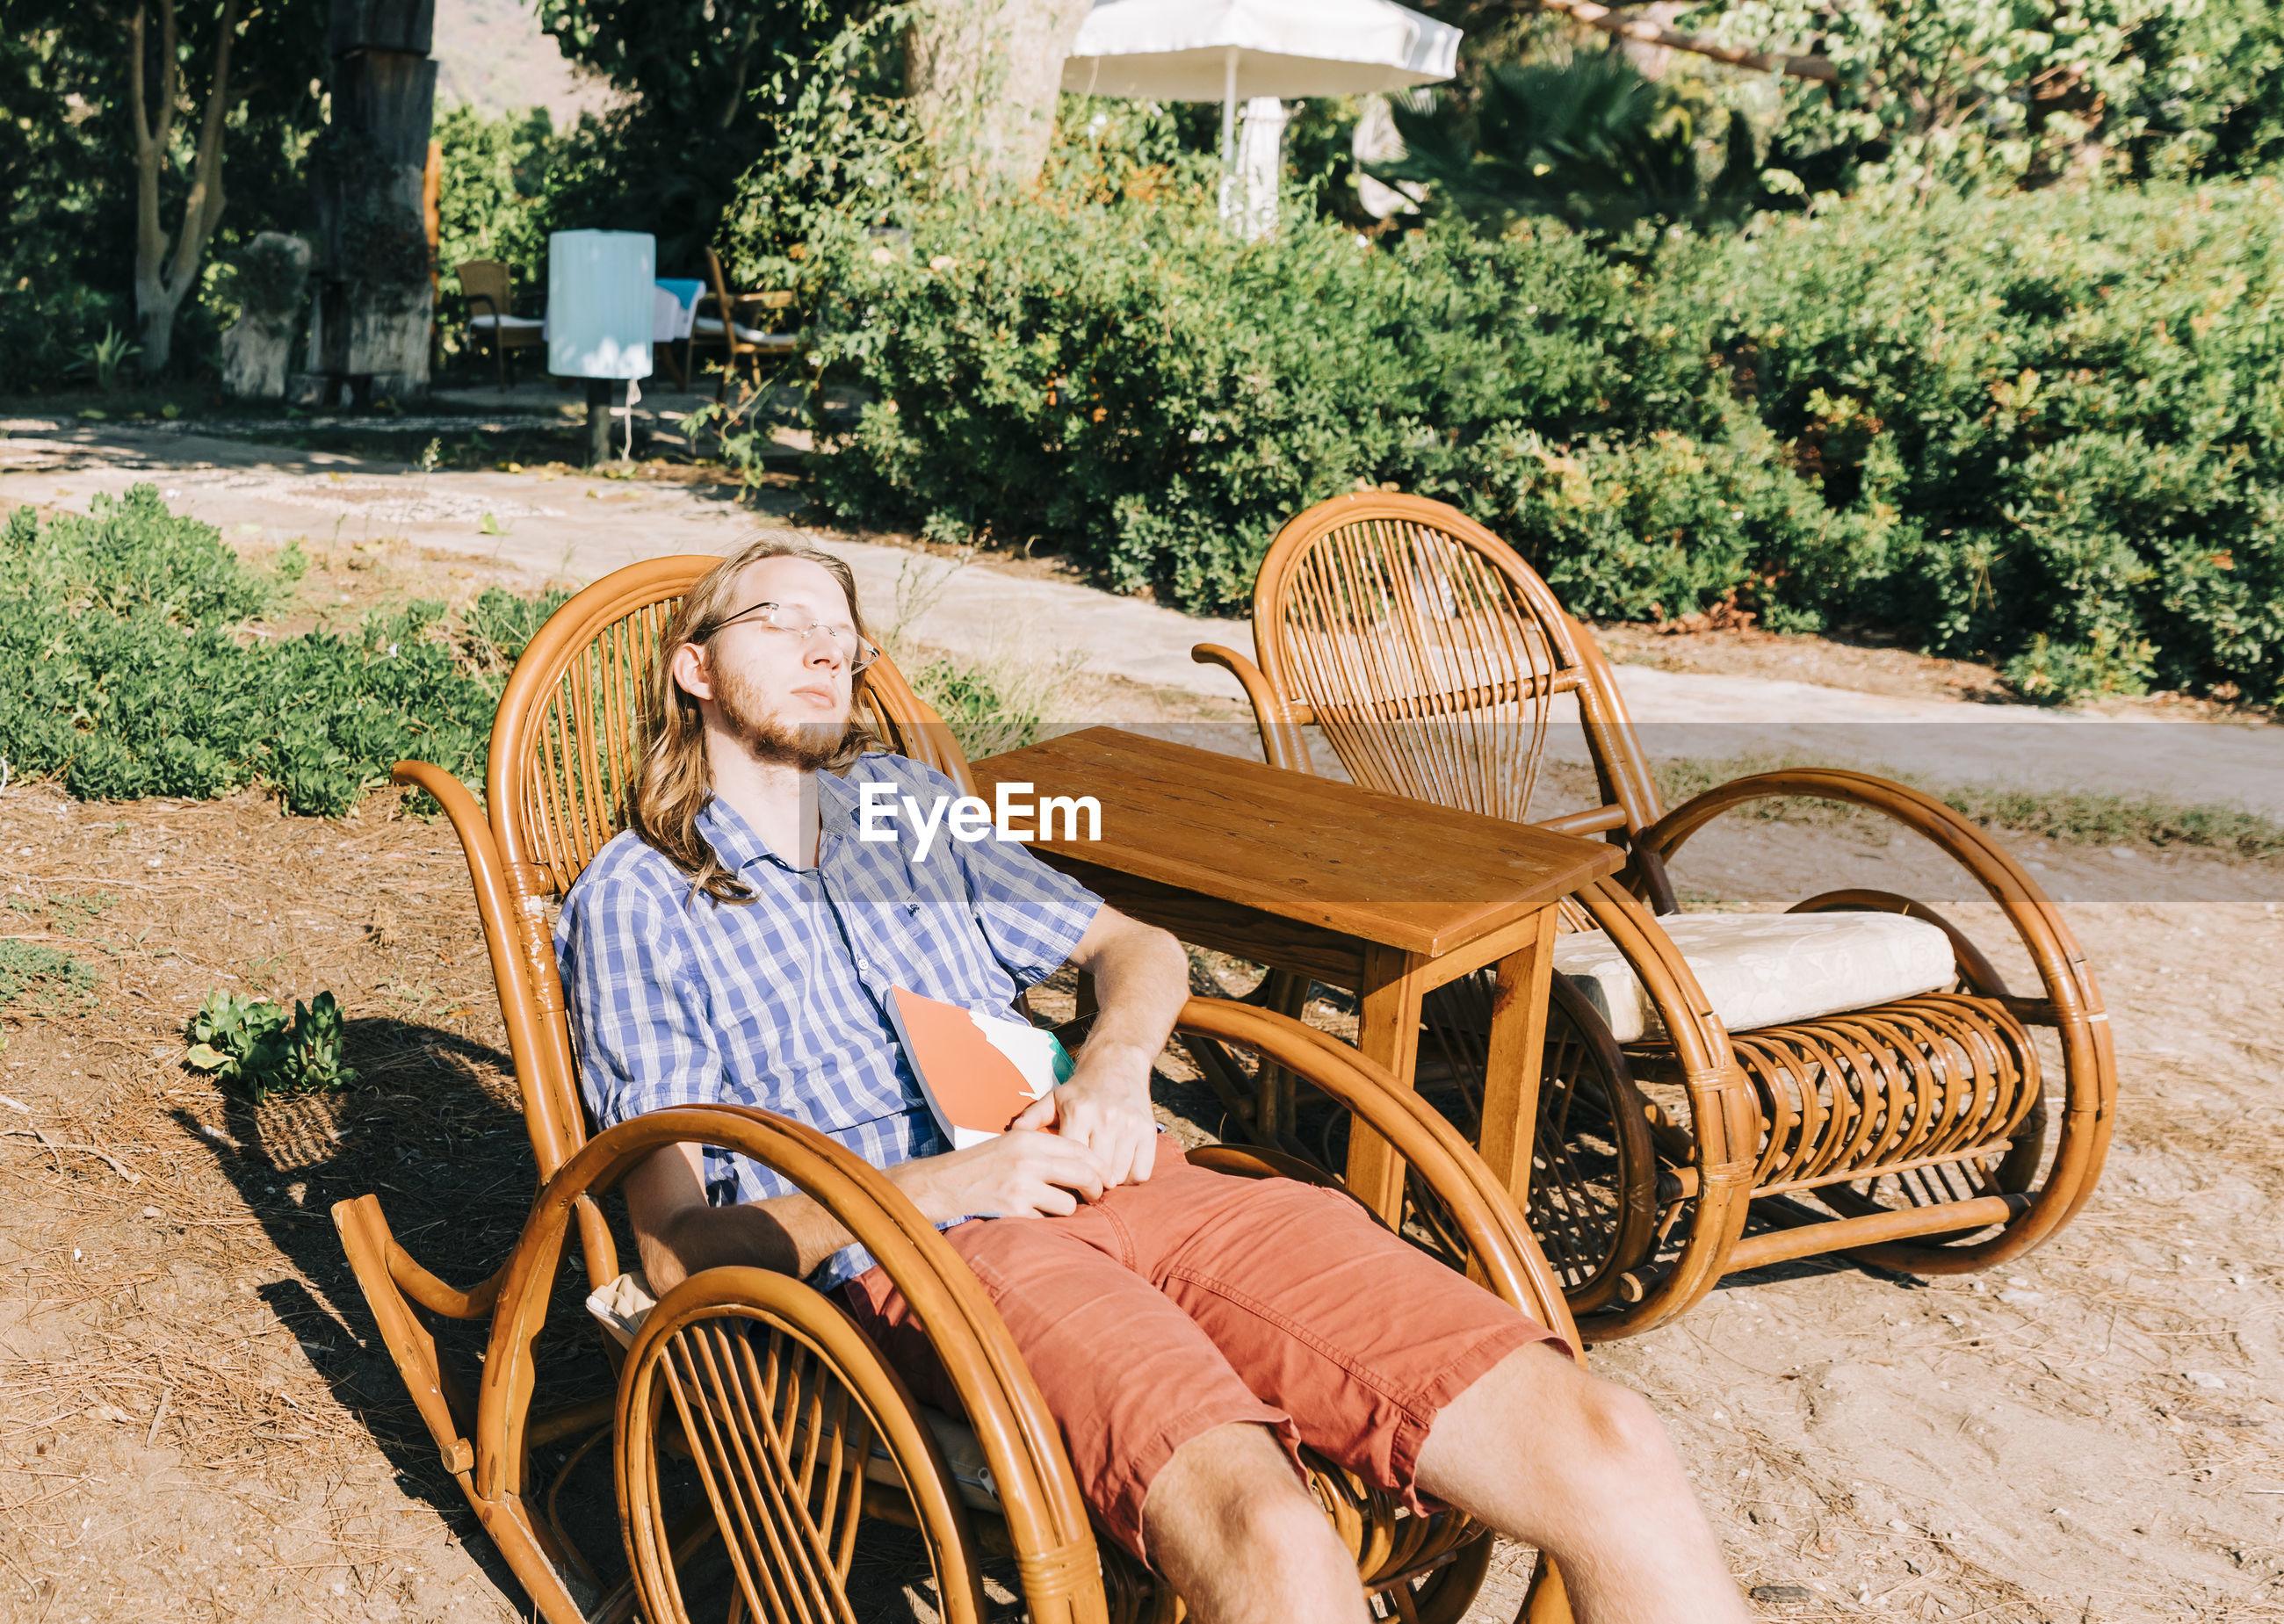 MAN SITTING IN CART